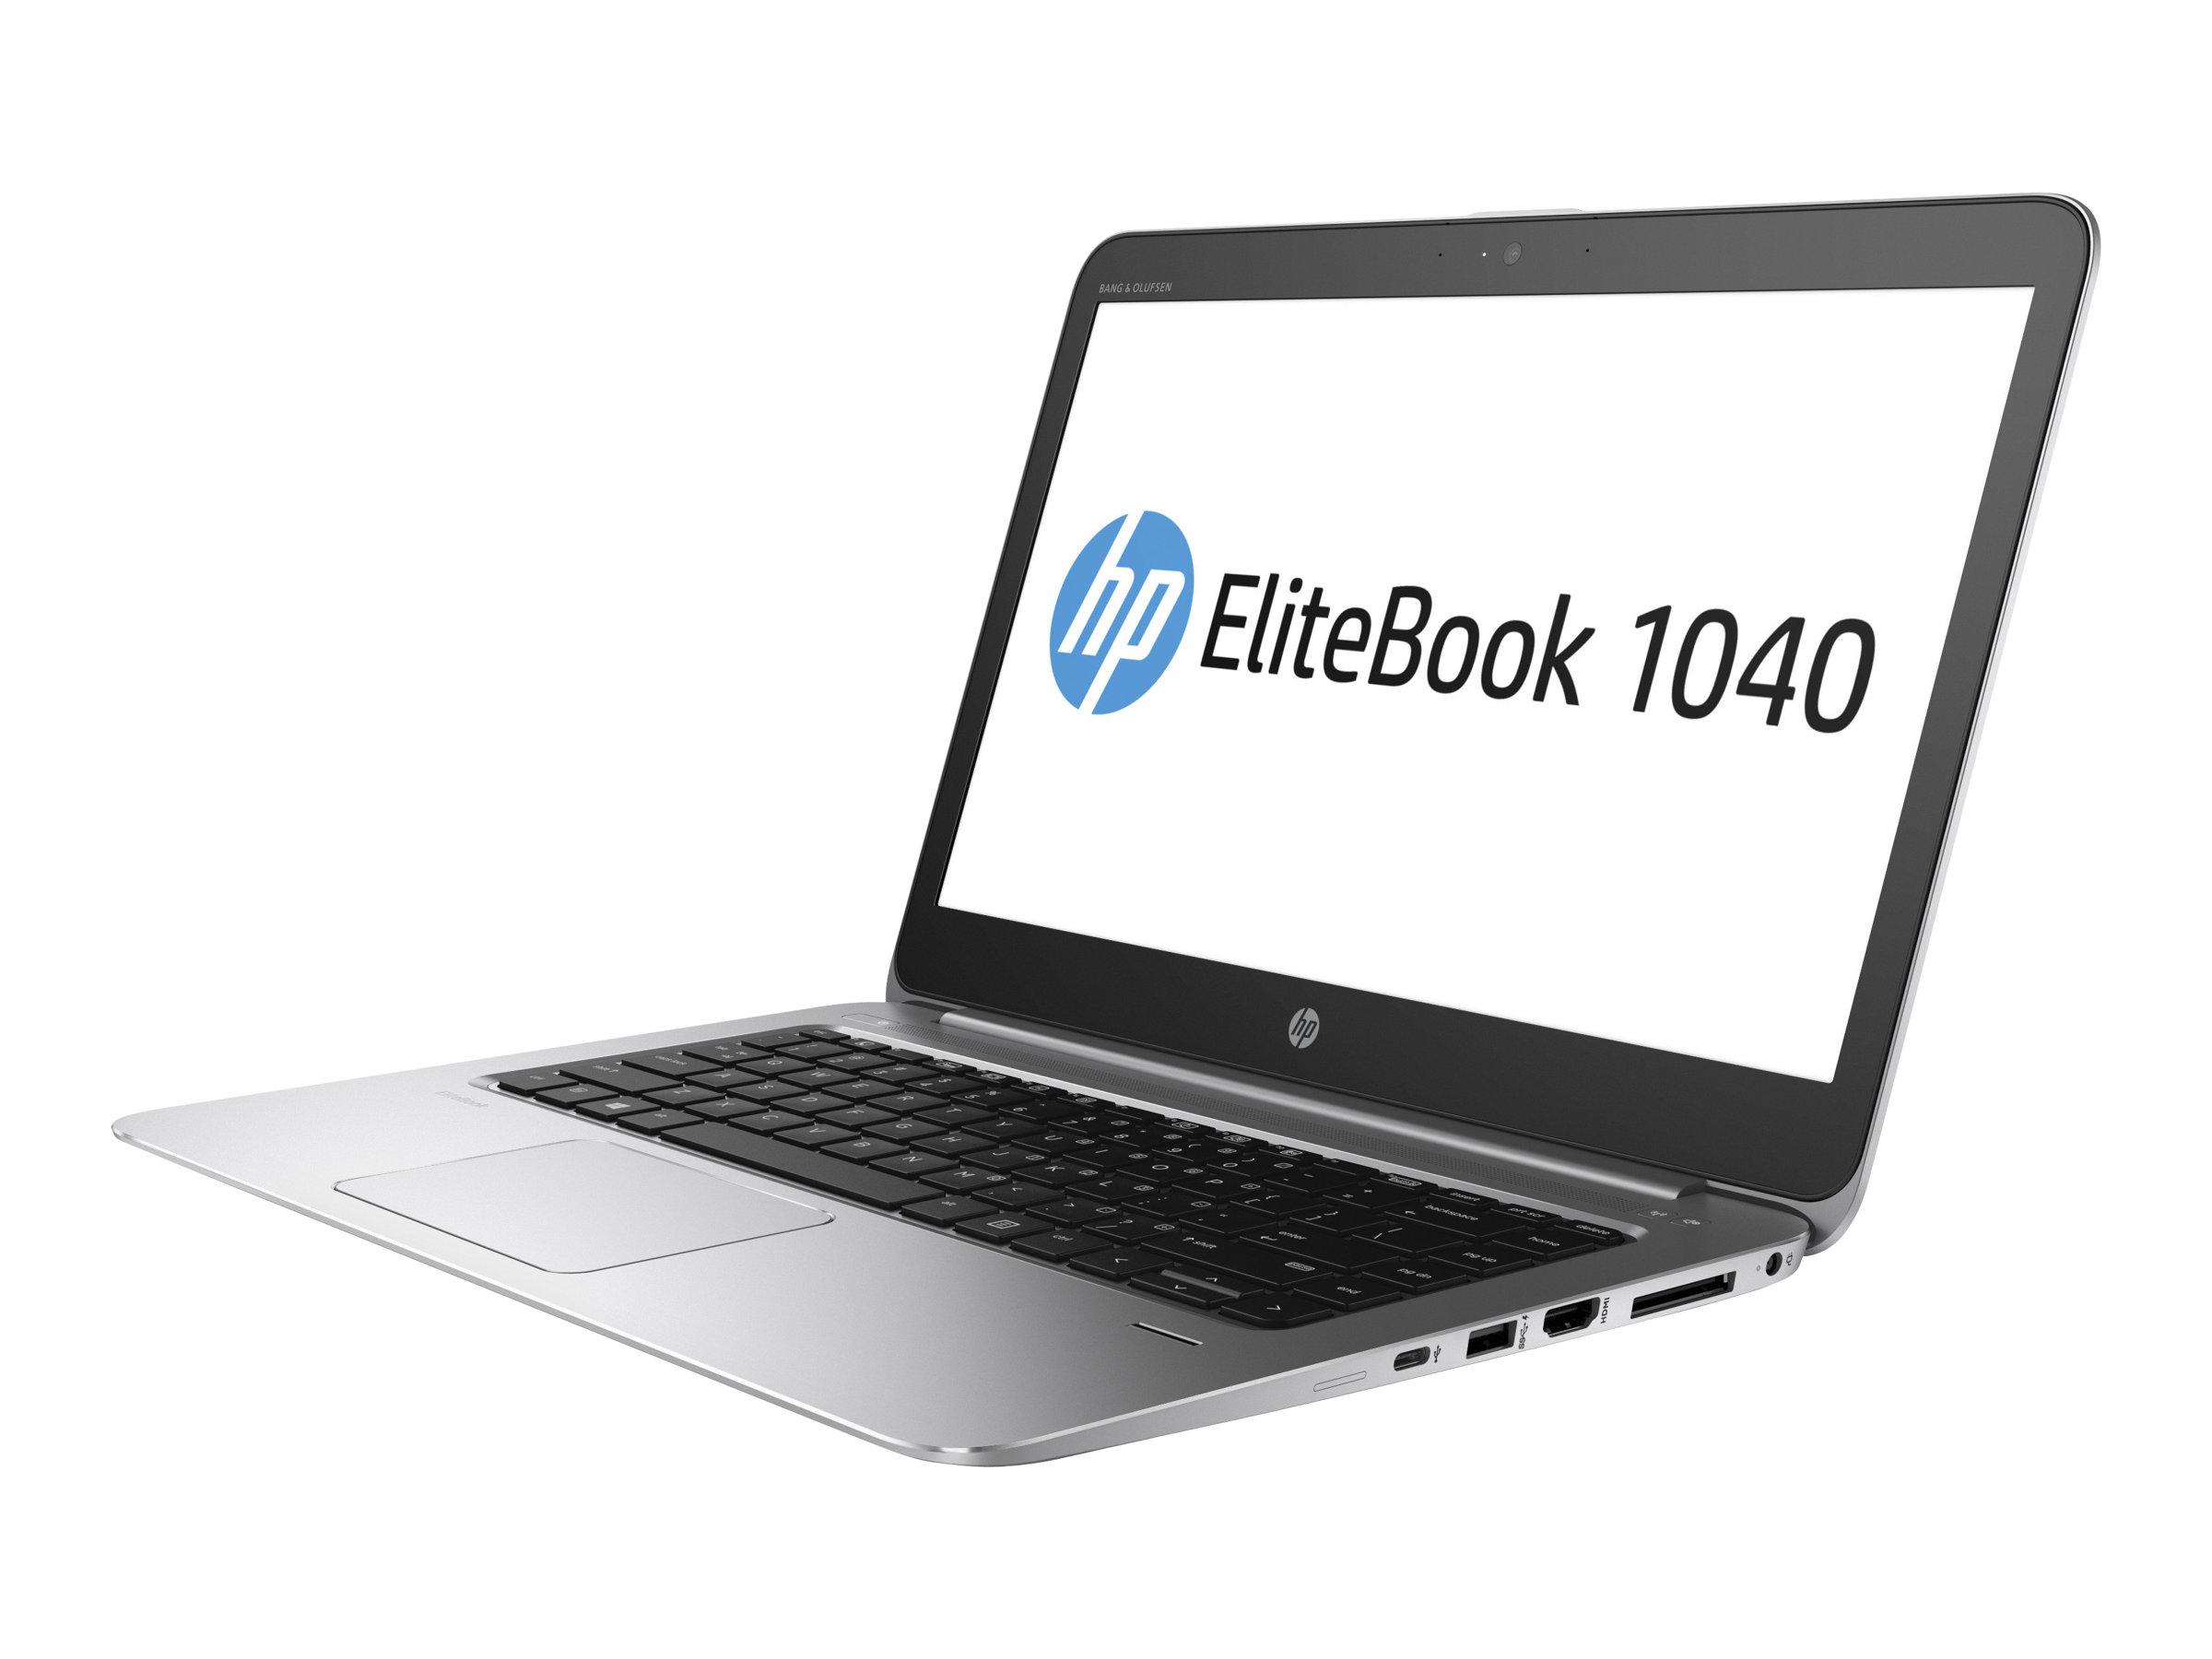 """[Easynotebooks] HP EliteBook 1040 G3 - Core i5 6300U / 2.4 GHz - Win 7 Pro 64-bit (mit Win 10 Pro 64-bit Lizenz) - 16 GB RAM - 256 GB SSD - 35.56 cm (14"""") 2560 x 1440 (WQHD) , LTE"""